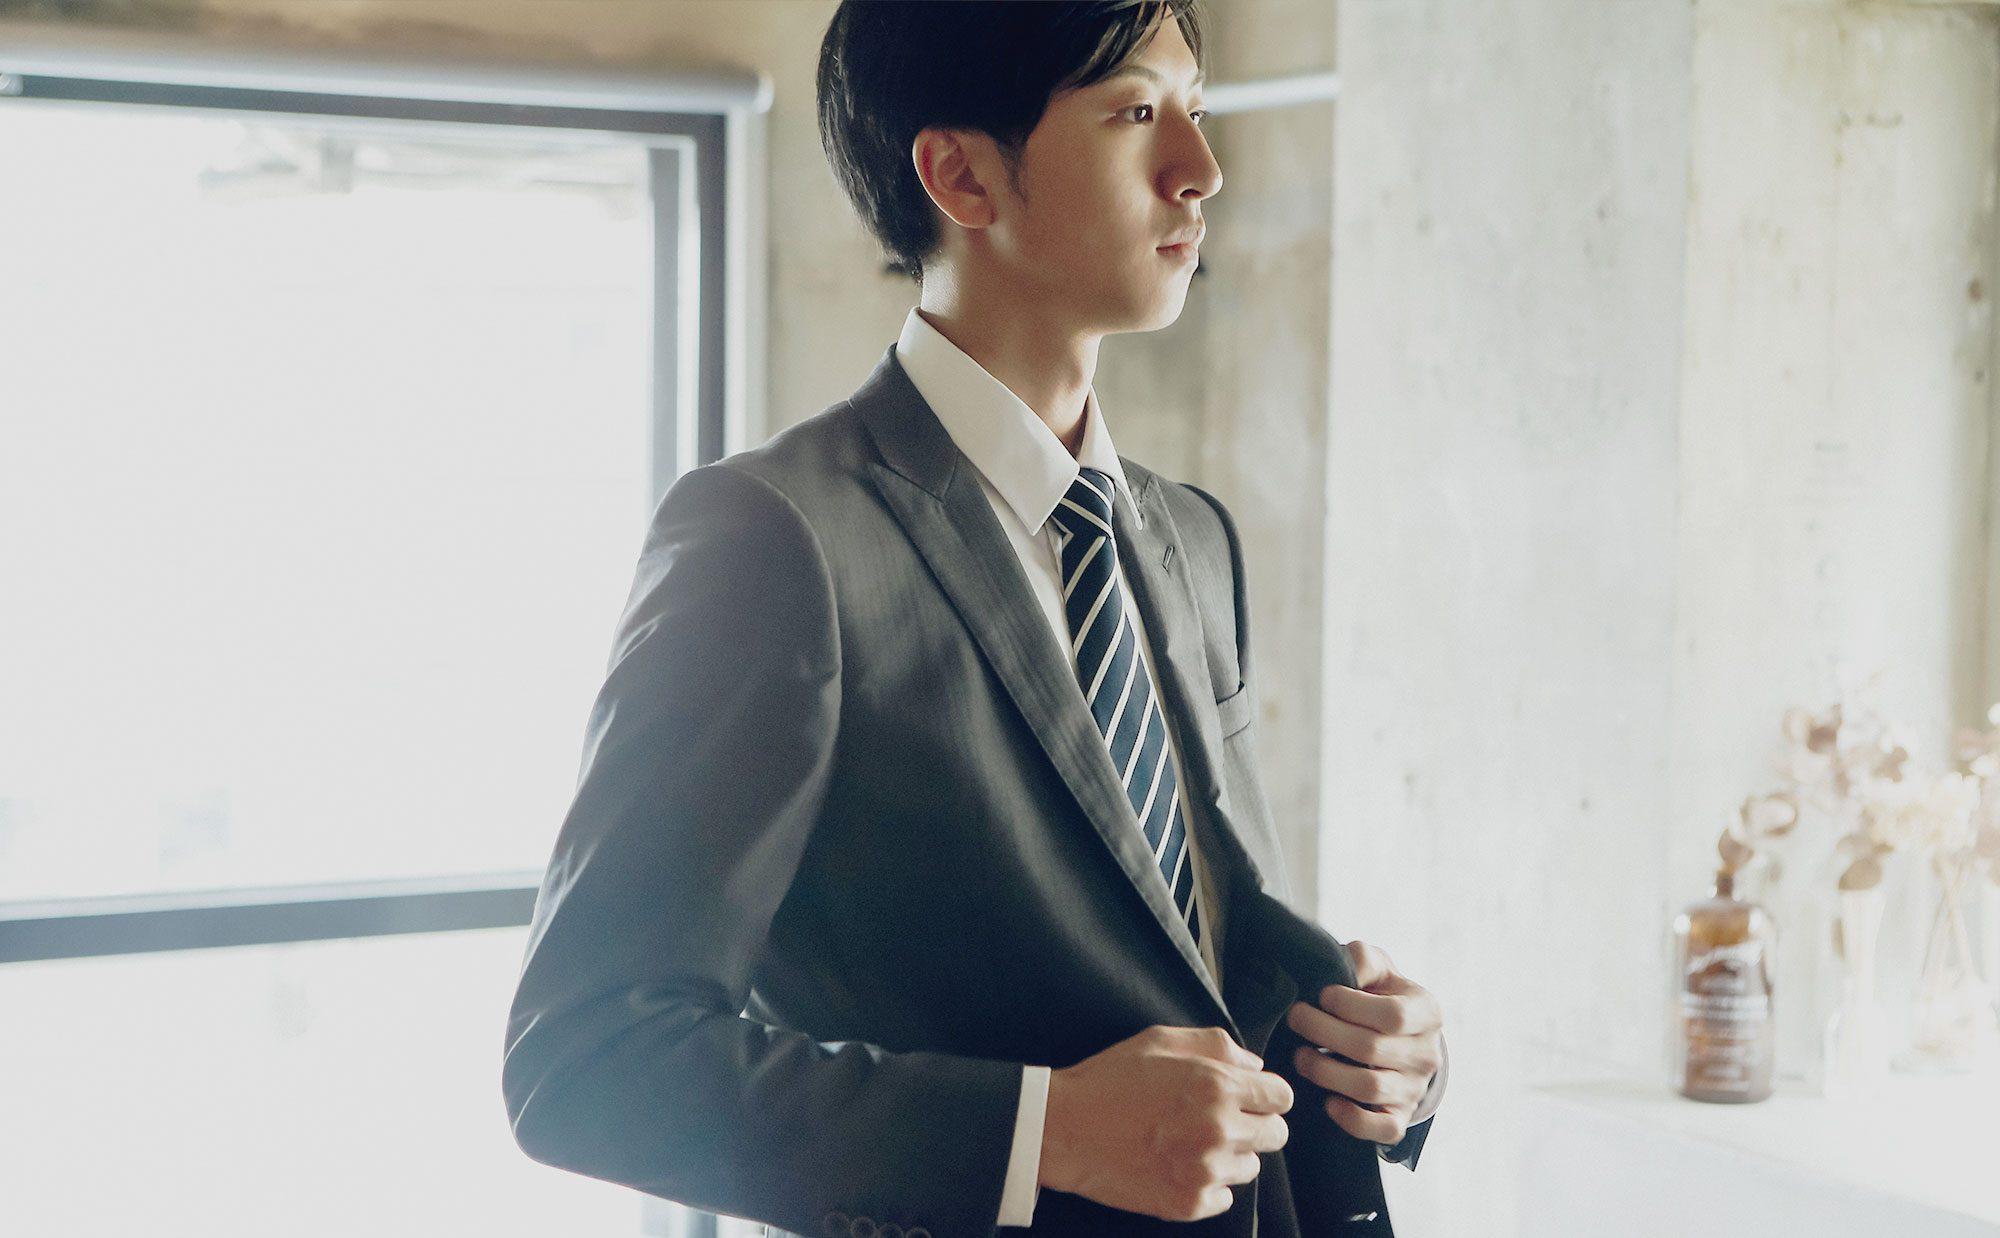 東京男子の一人暮らし、ムリせずできる超節約生活のススメ